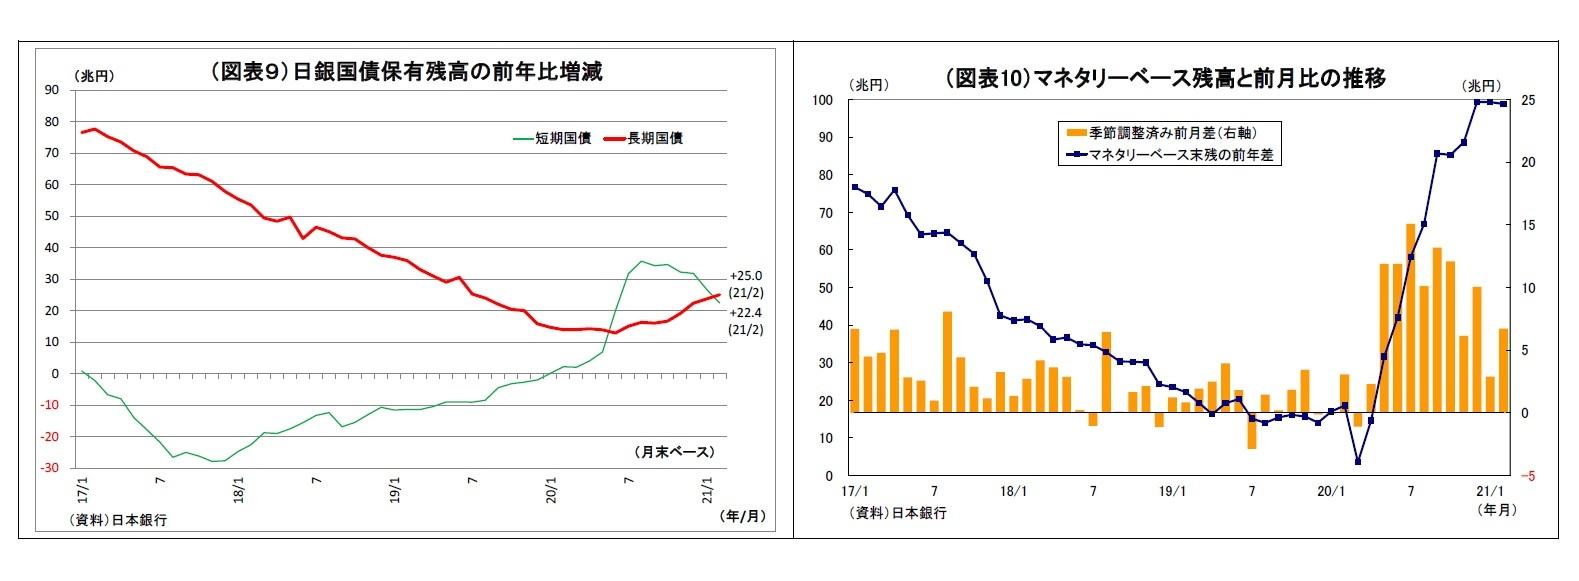 (図表9)日銀国債保有残高の前年比増減/(図表10)マネタリーベース残高と前月比の推移